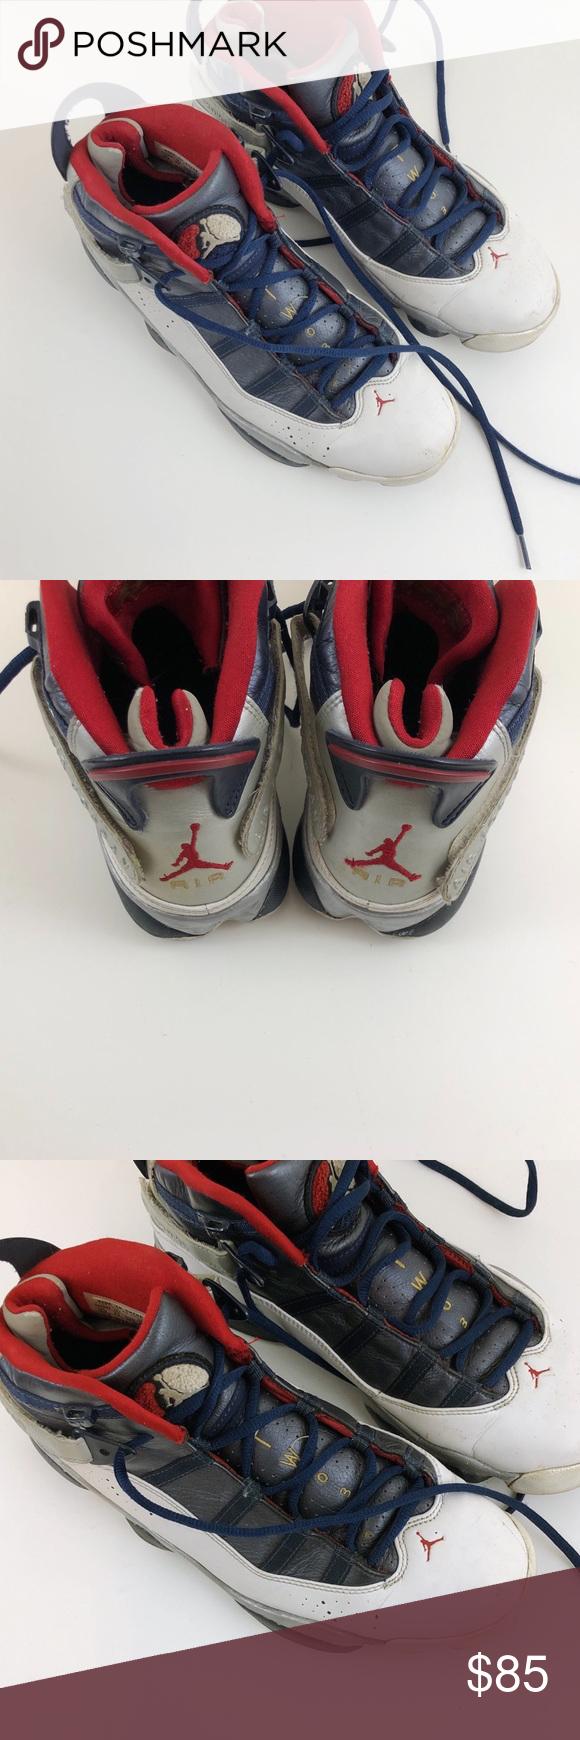 361cf541147 Air Jordan 6 Rings Sneakers. Men's size 10.5 Air Jordan 6 Rings olympics  White /